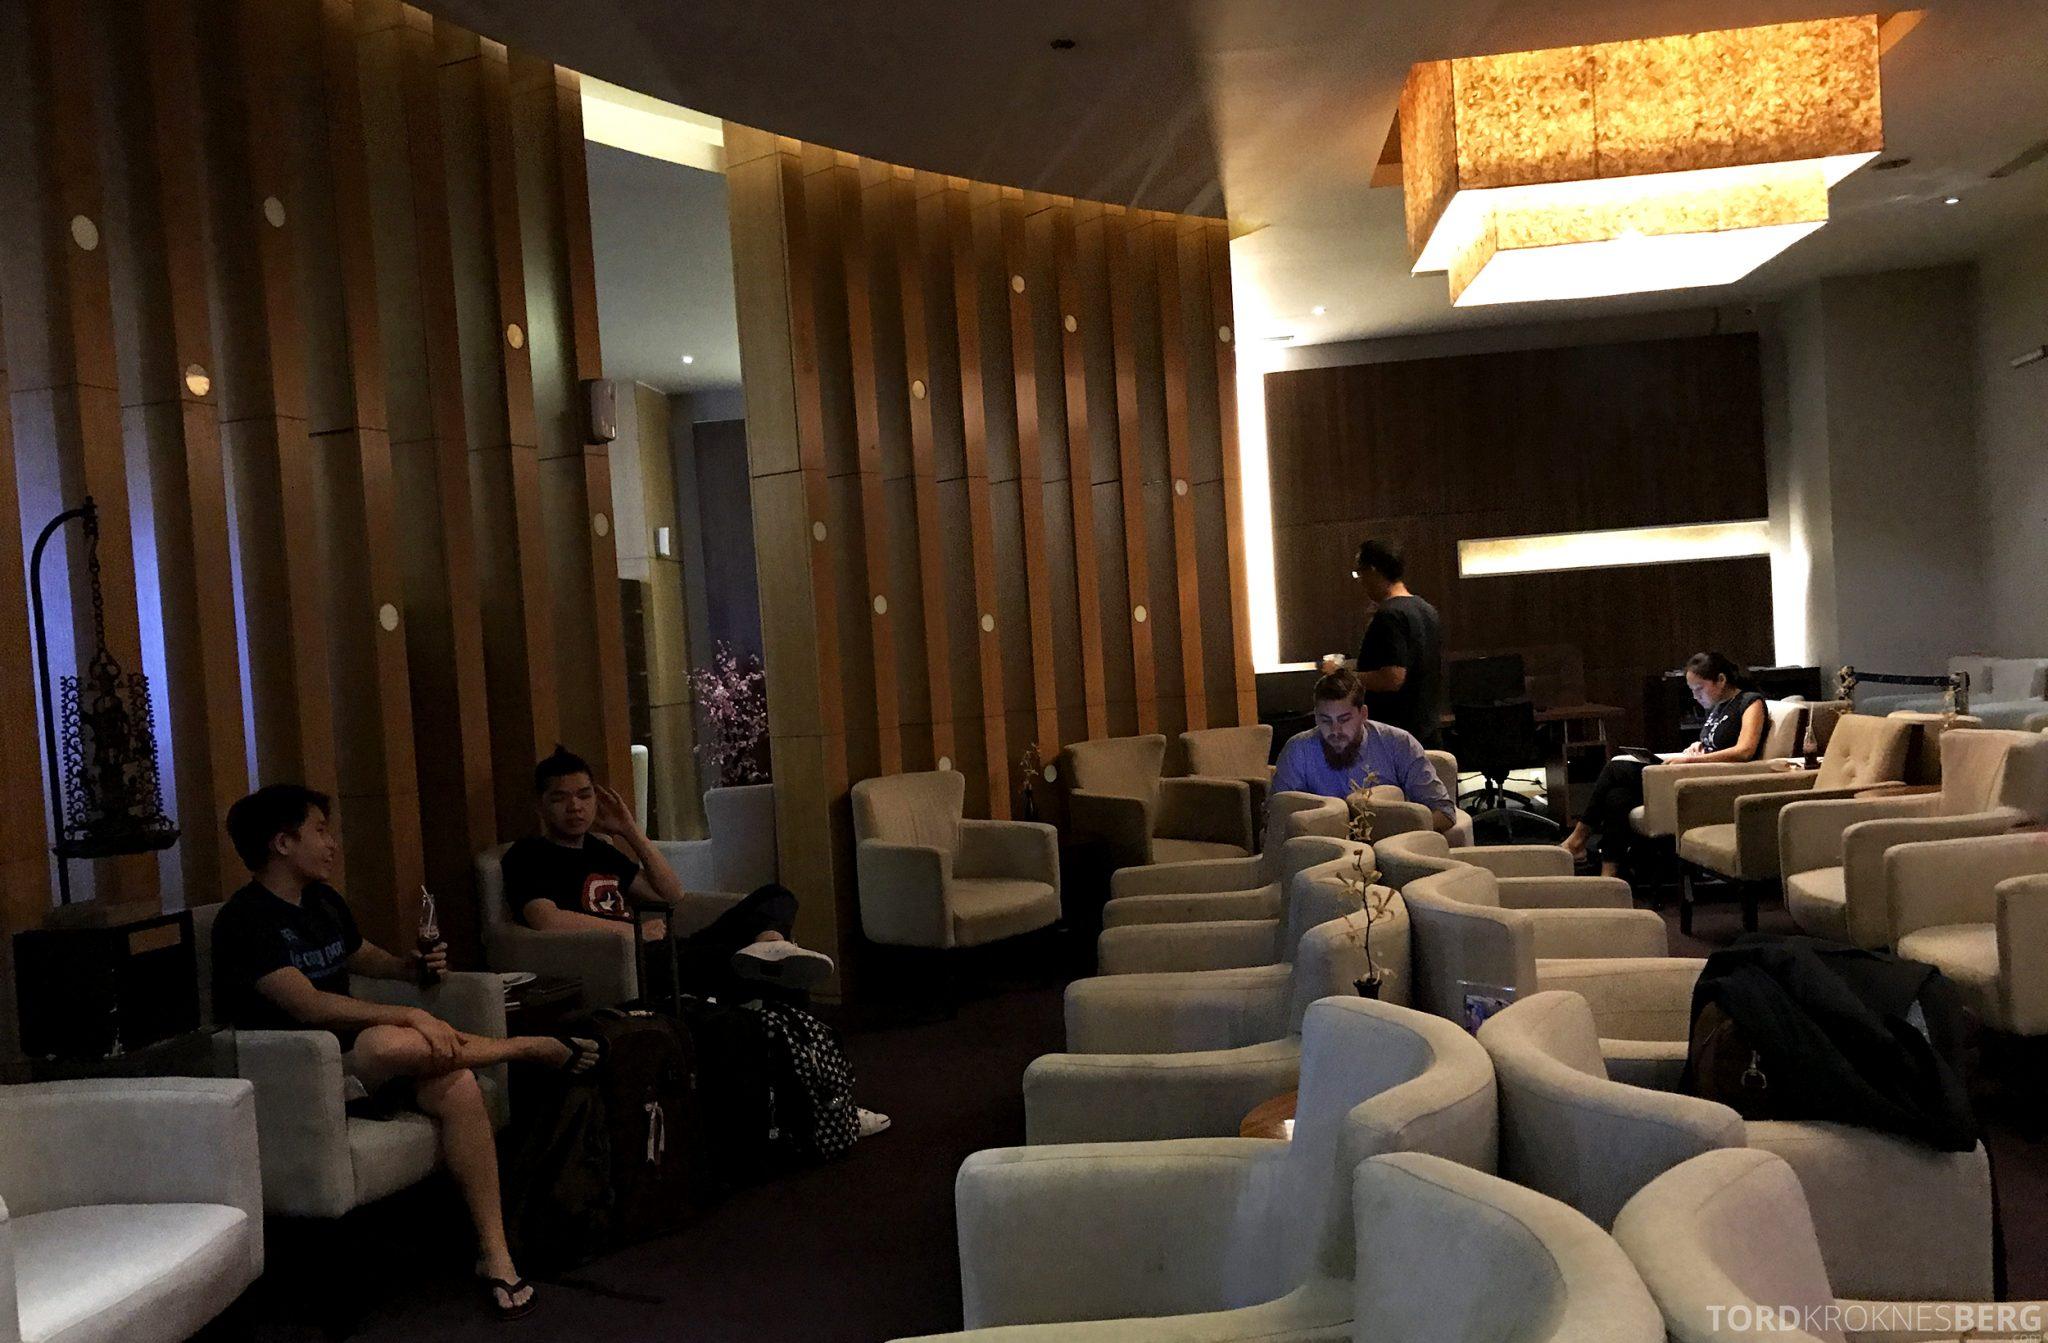 Premier Lounge Jakarta lokale